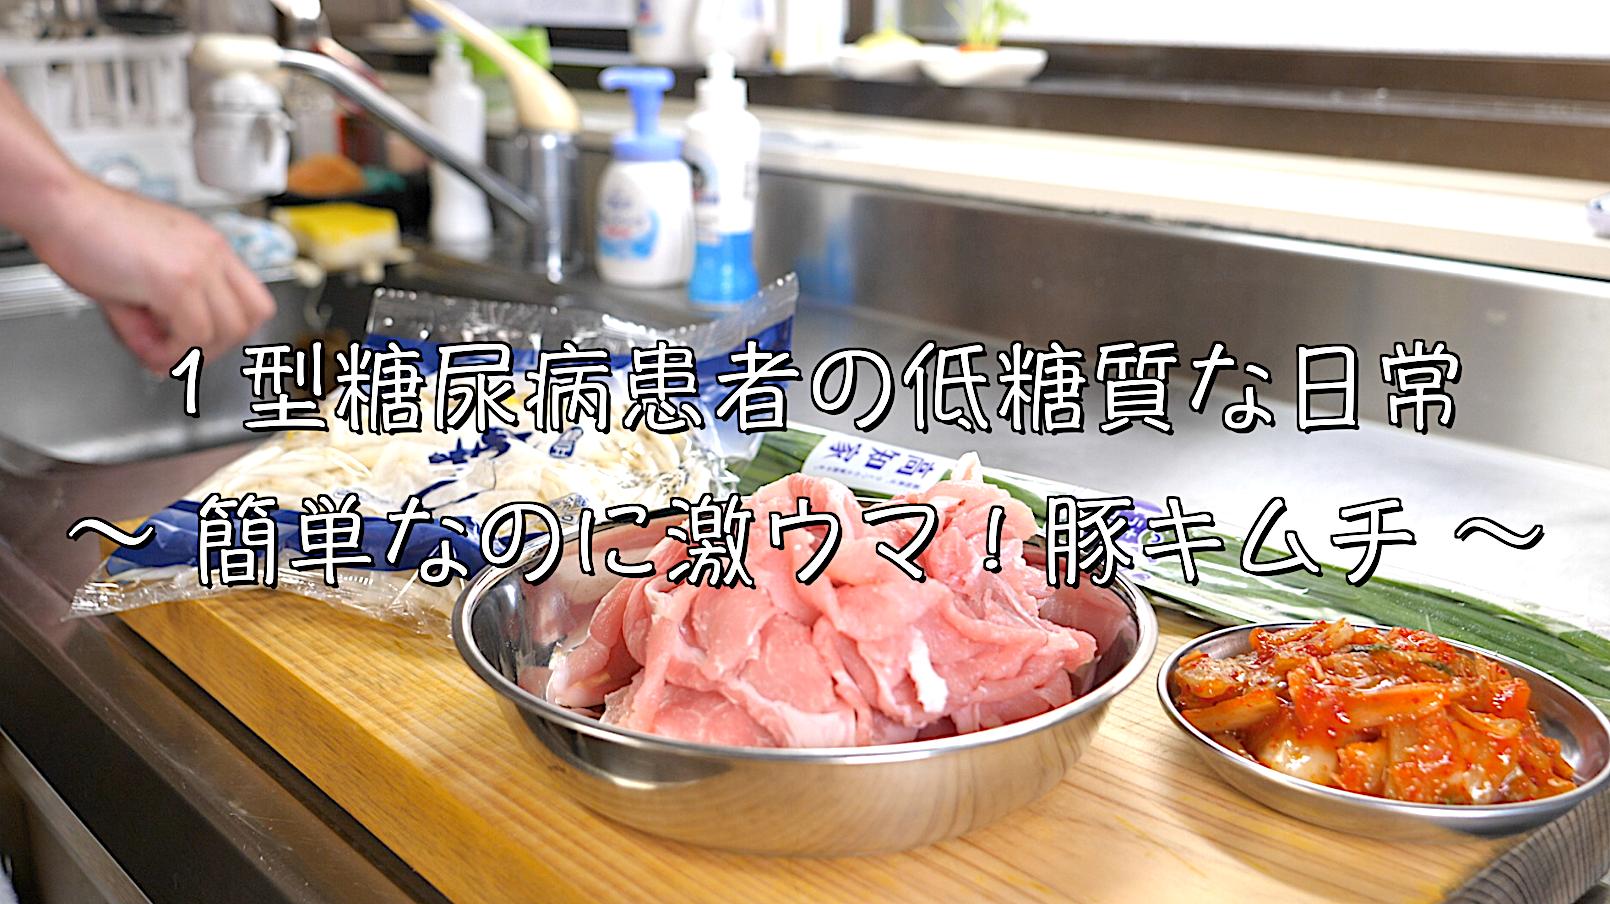 豚キムチ レシピ 簡単 作り方